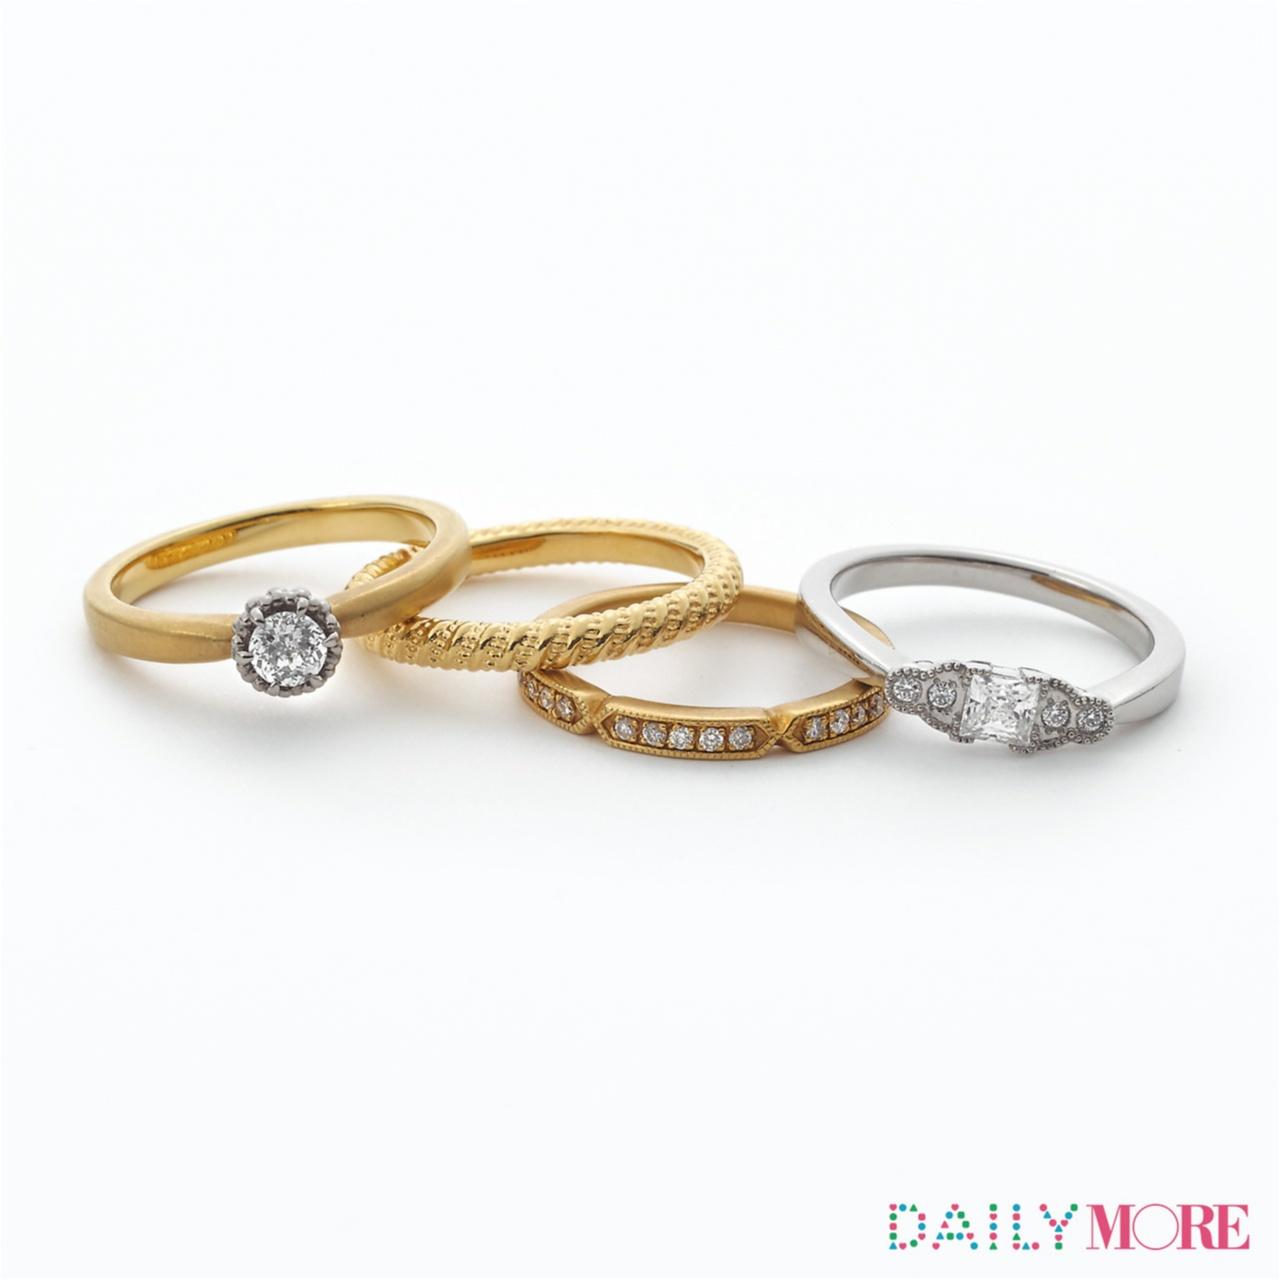 サマンサティアラ・アガット・・・この指輪でプロポーズされたい!around27歳のためのイチオシエンゲージリング3選_2